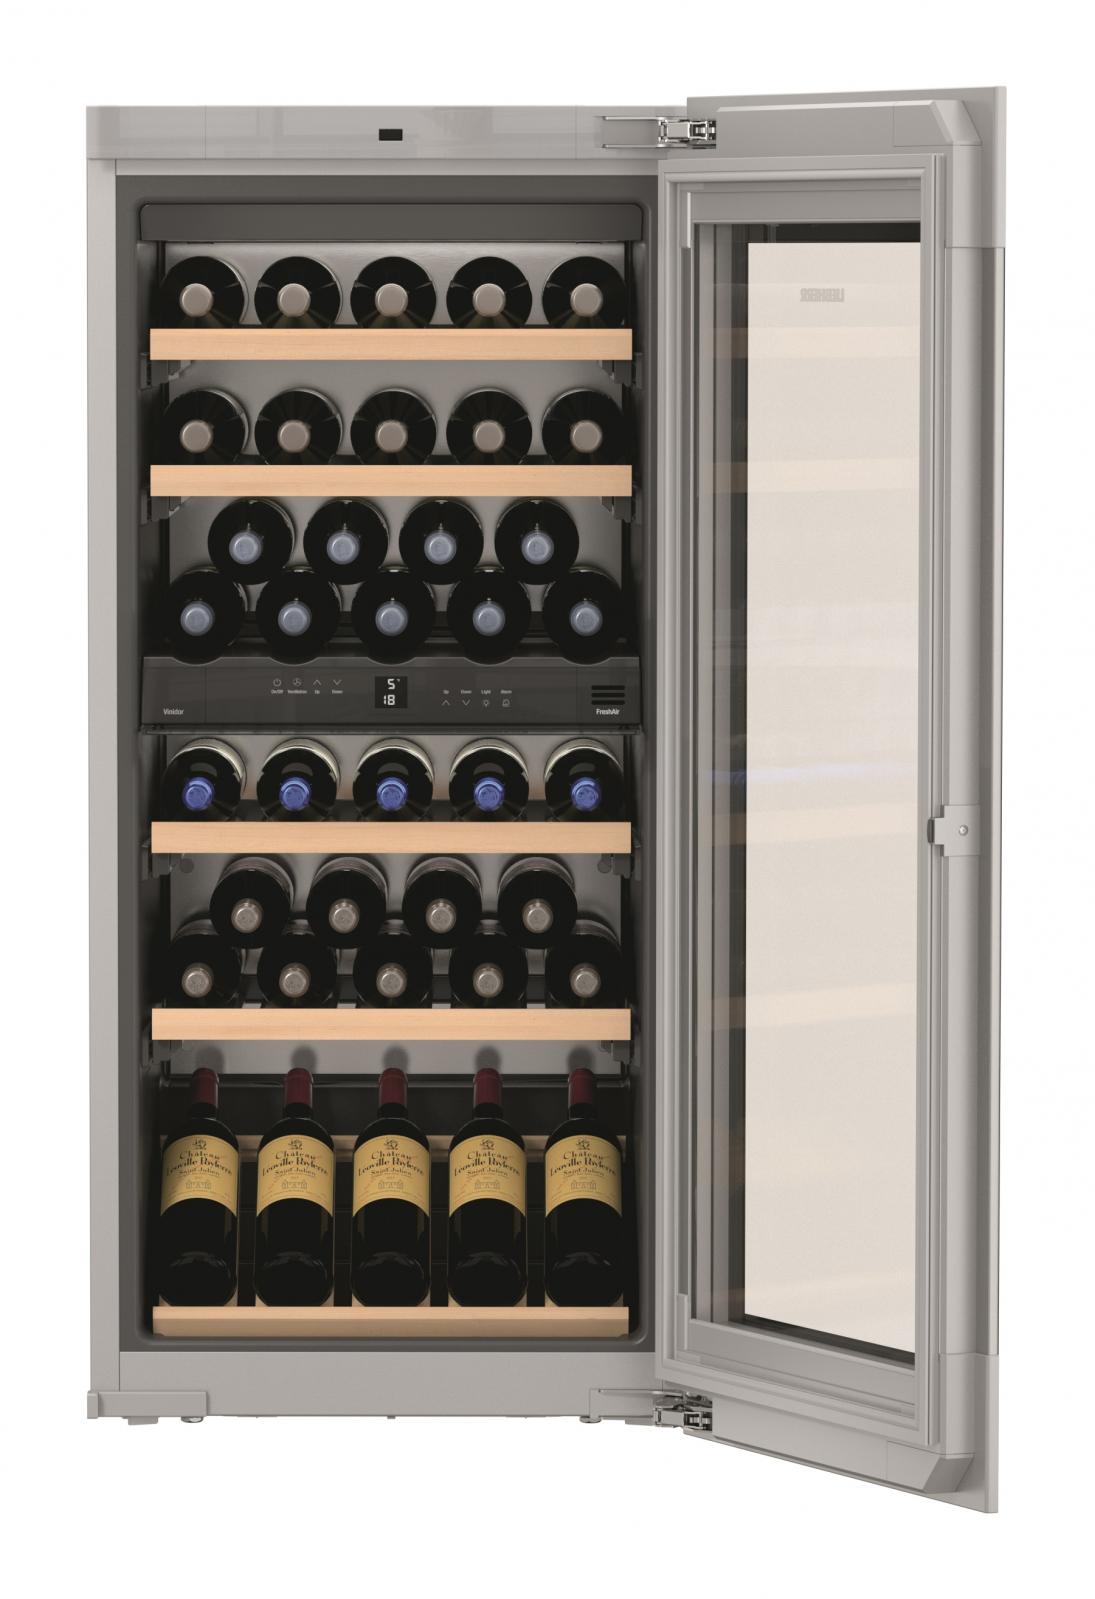 купить Встраиваемый винный шкаф Liebherr EWTgb 2383 Украина фото 4